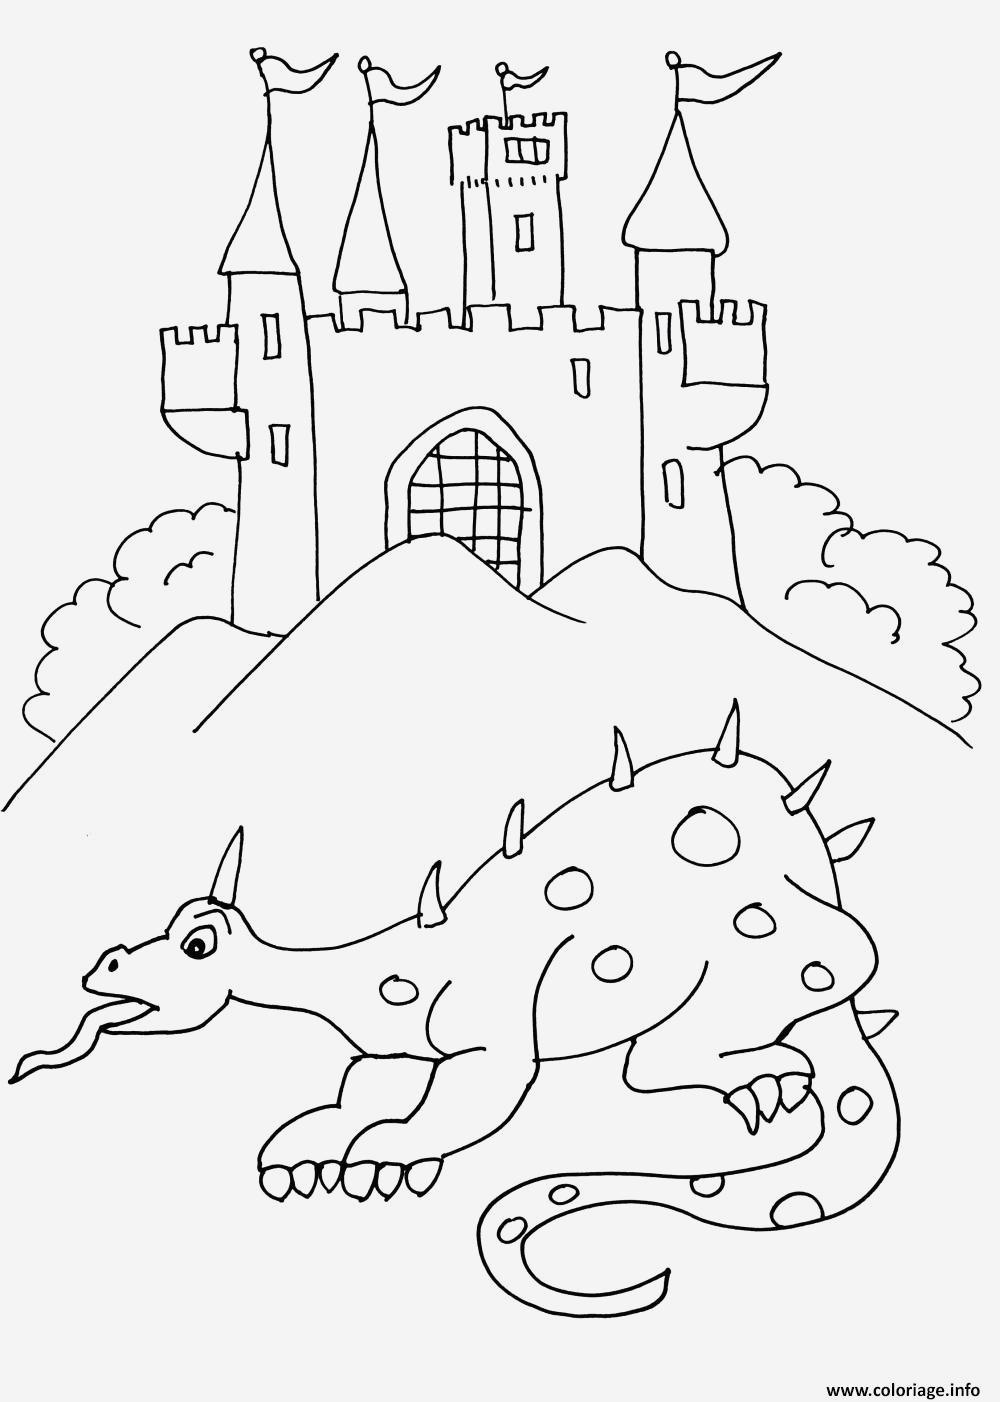 Coloriage Chateau Et Princesse Archives - Coloriages Gratuits avec Chateau De Princesse Dessin